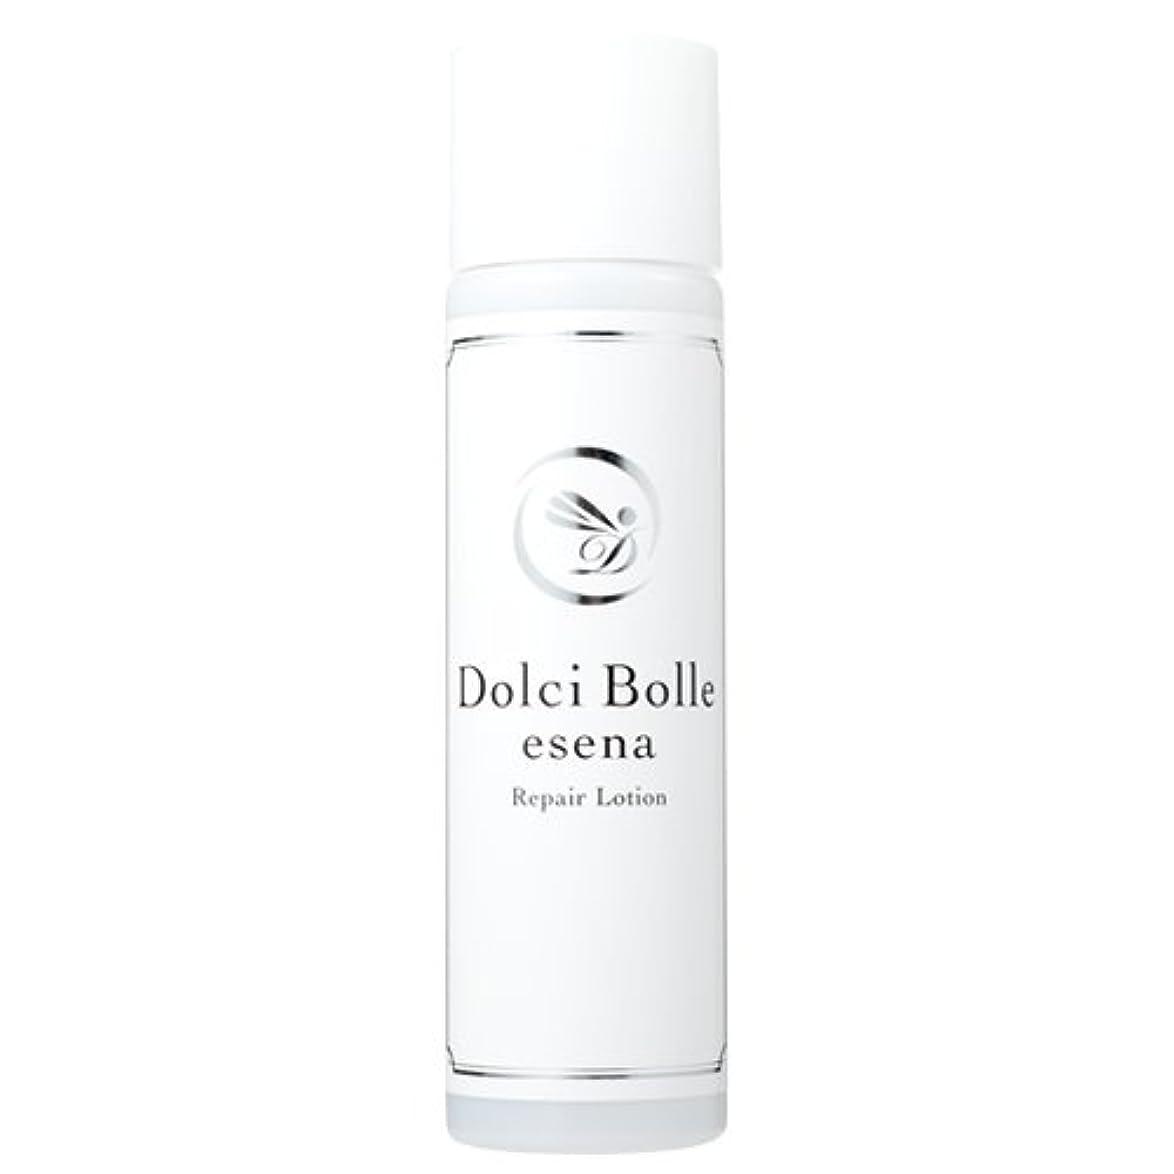 薬を飲む細断儀式Dolci Bolle(ドルチボーレ) esena(エセナ) リペアローション 150ml